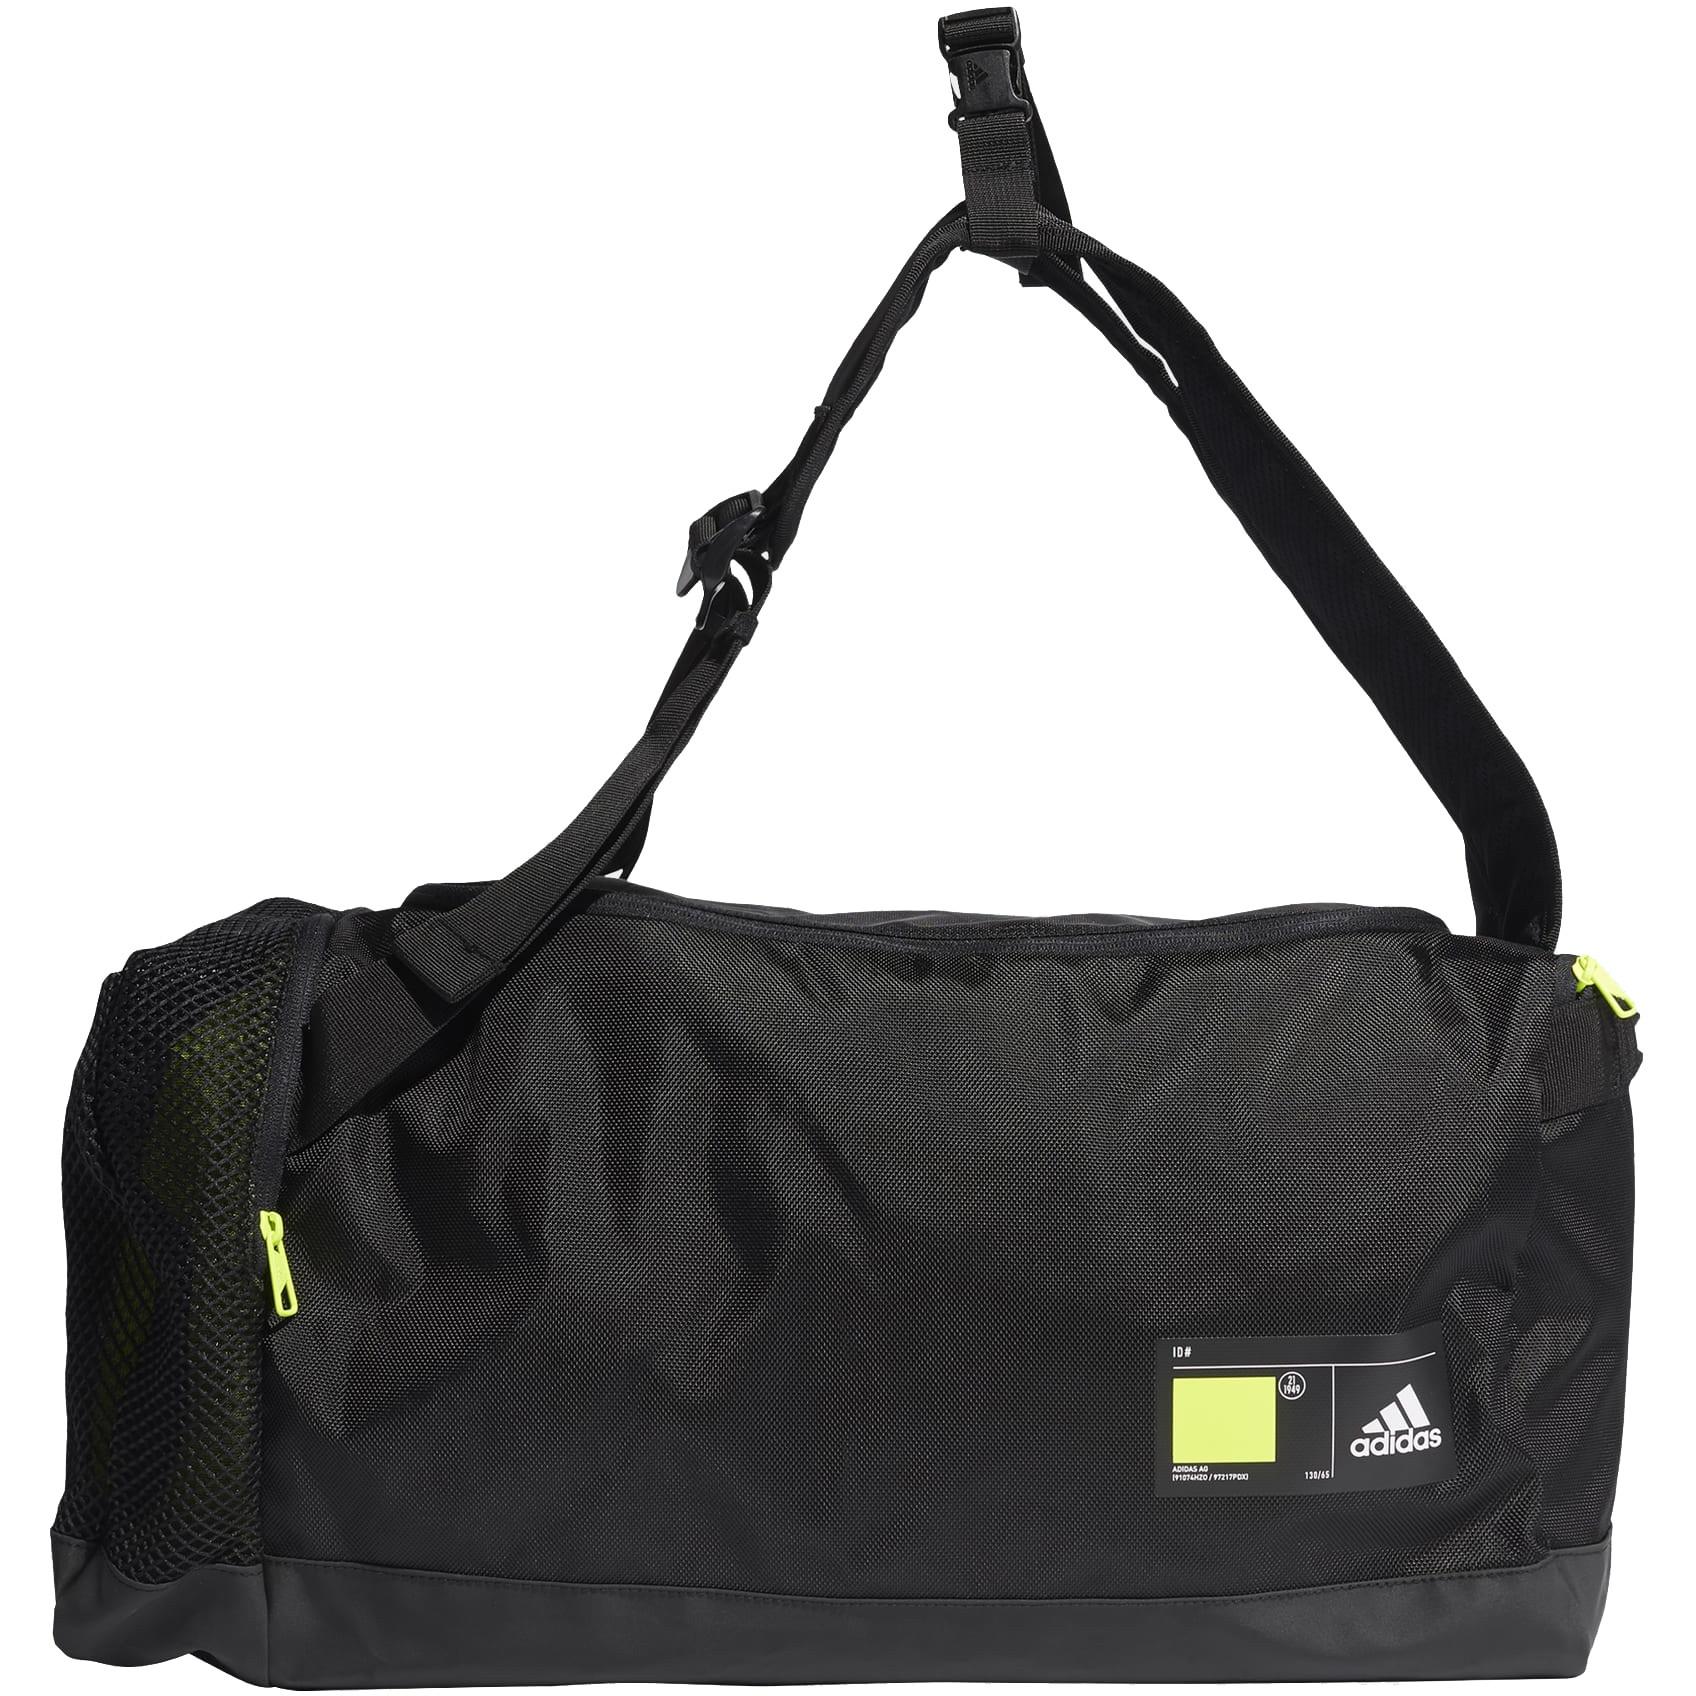 adidas 4ATHLTS ID Duffel Bag Medium - black GL0872